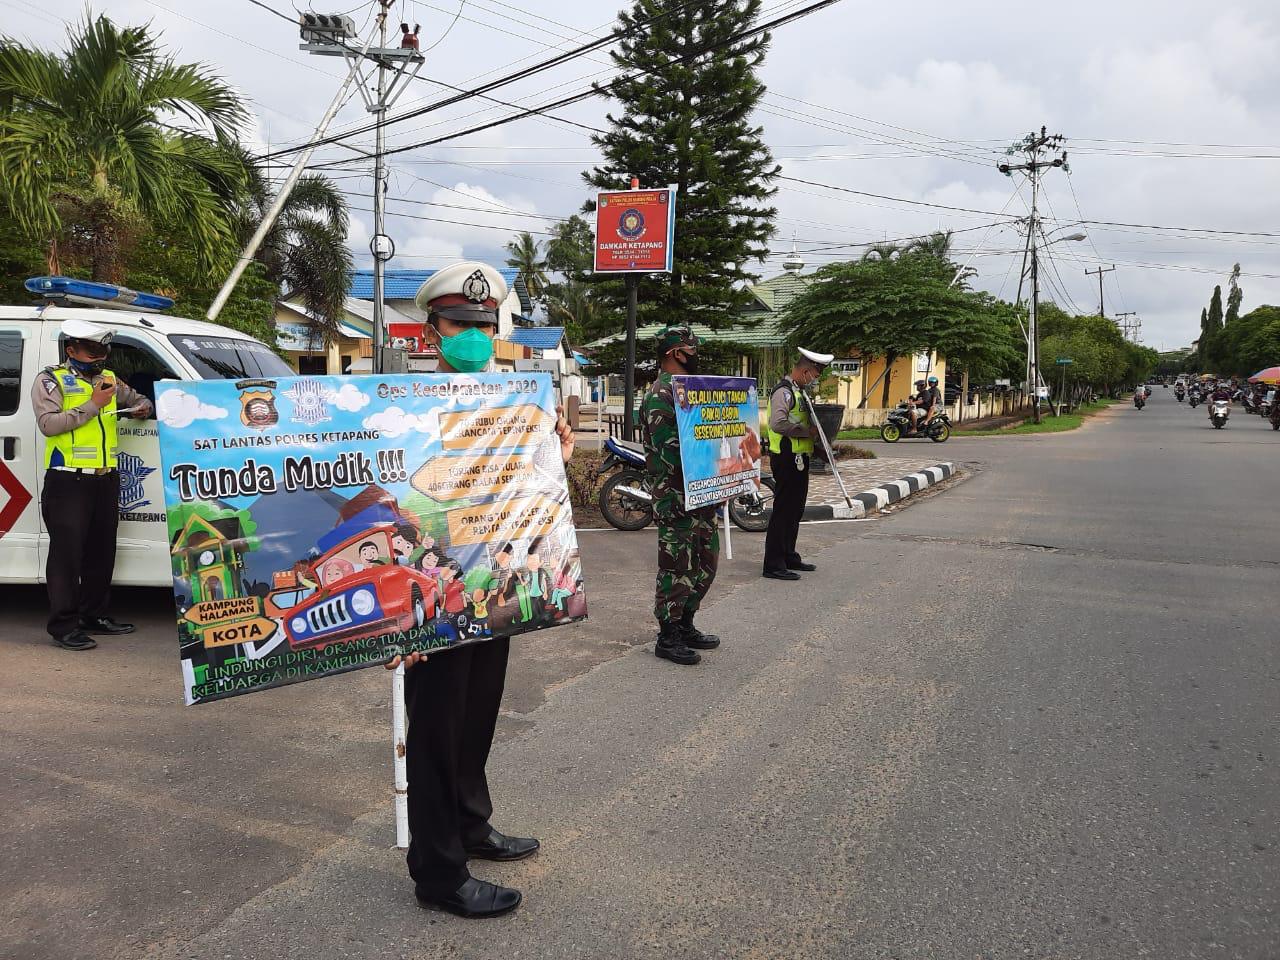 Satlantas Polres Ketapang Tampilkan spanduk dan sebar brosur imbauan untuk tunda mudik